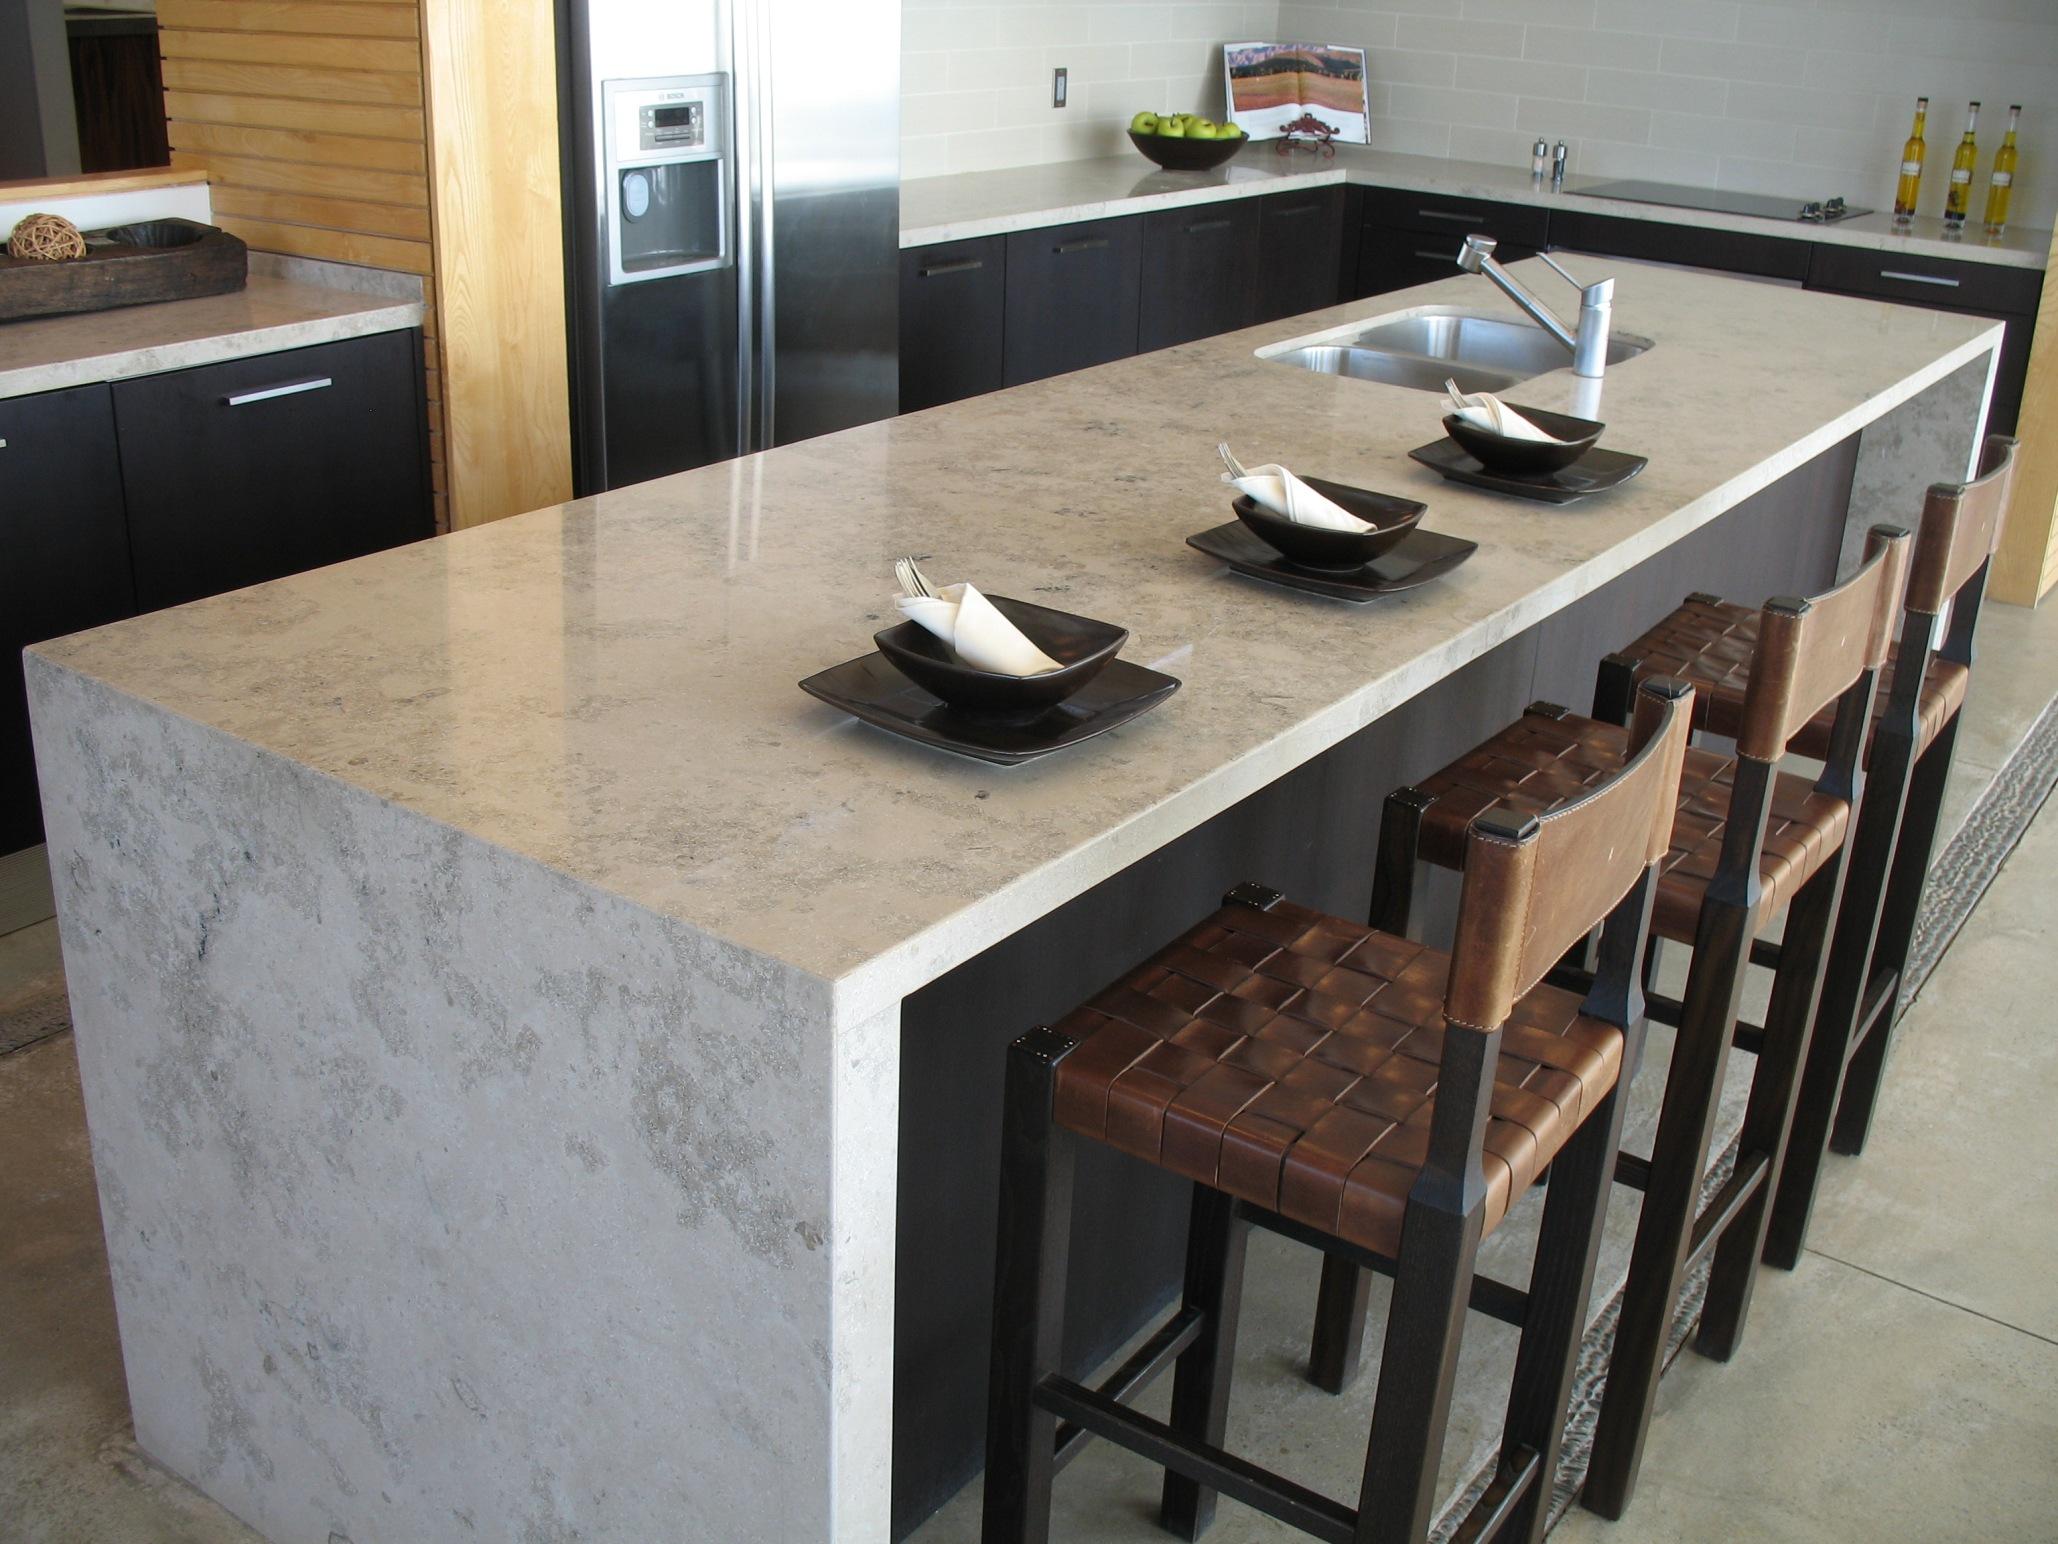 Gliottone marmi e graniti lavorazione pietra nobile - Top cucina in granito ...